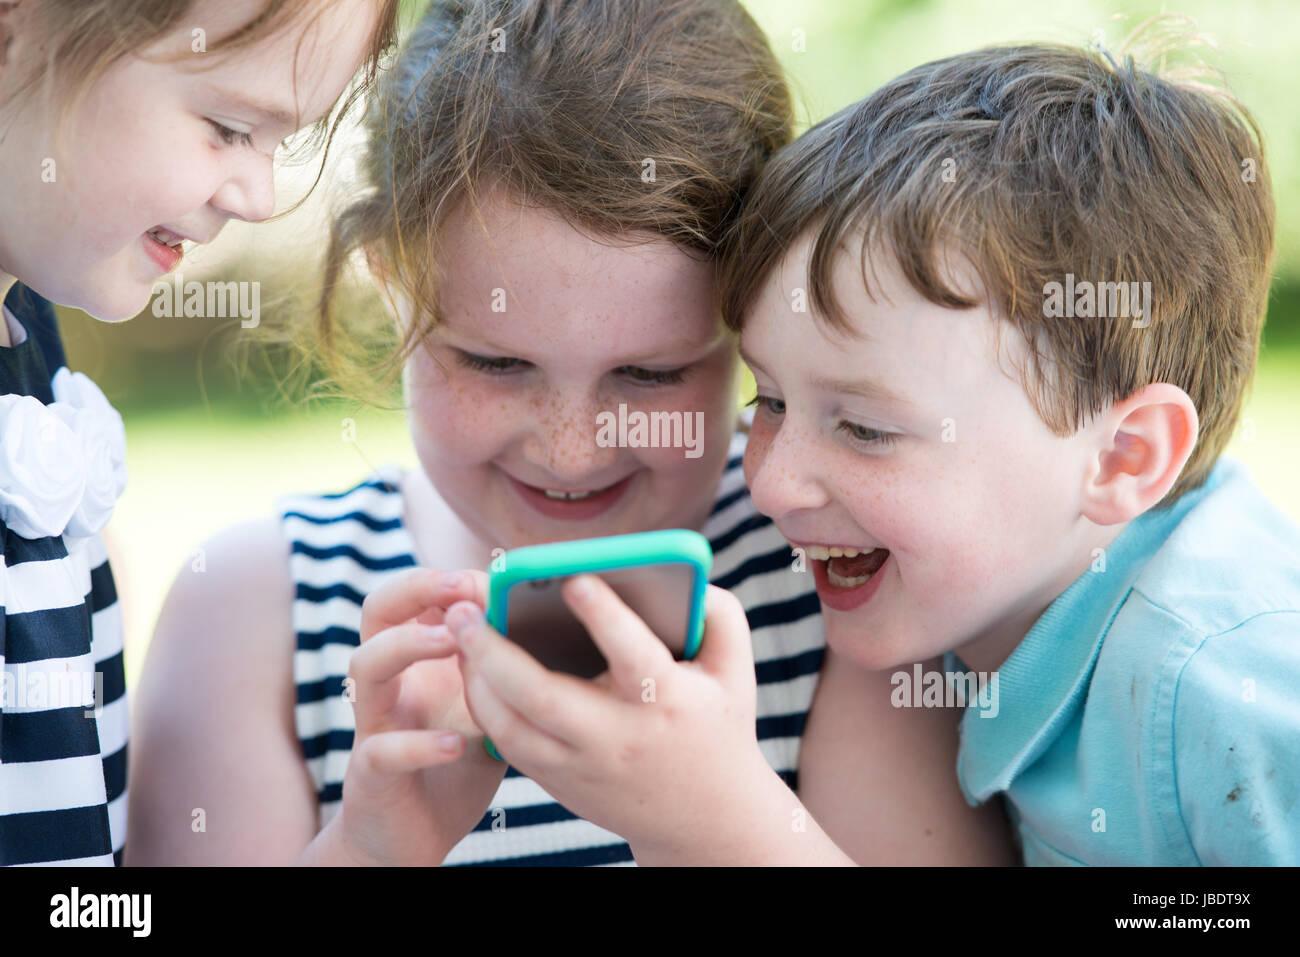 Feliz riendo niños jugando con el smartphone fuera Imagen De Stock